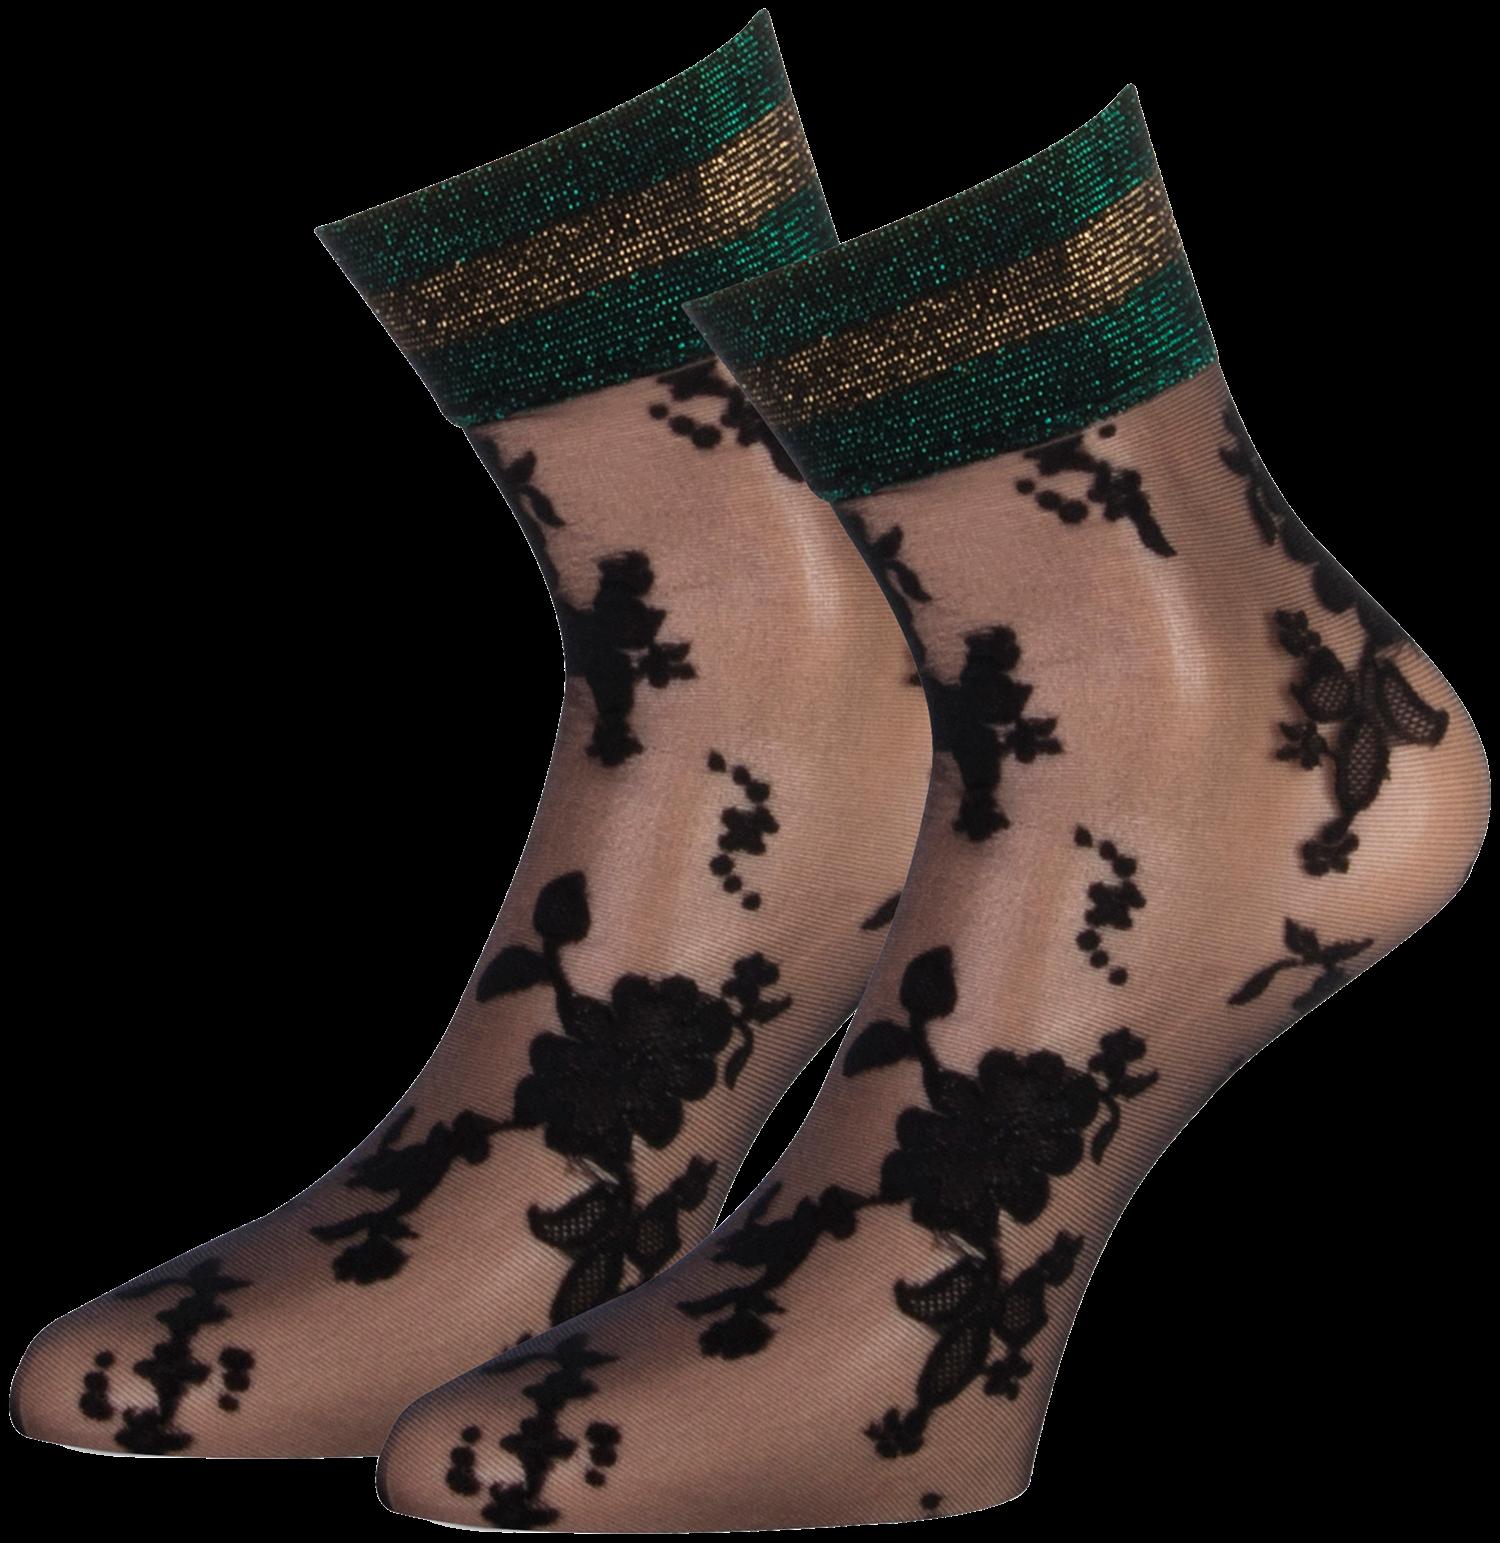 Damen Socken Serena in 3 Farben erhältlich  marcmarcs